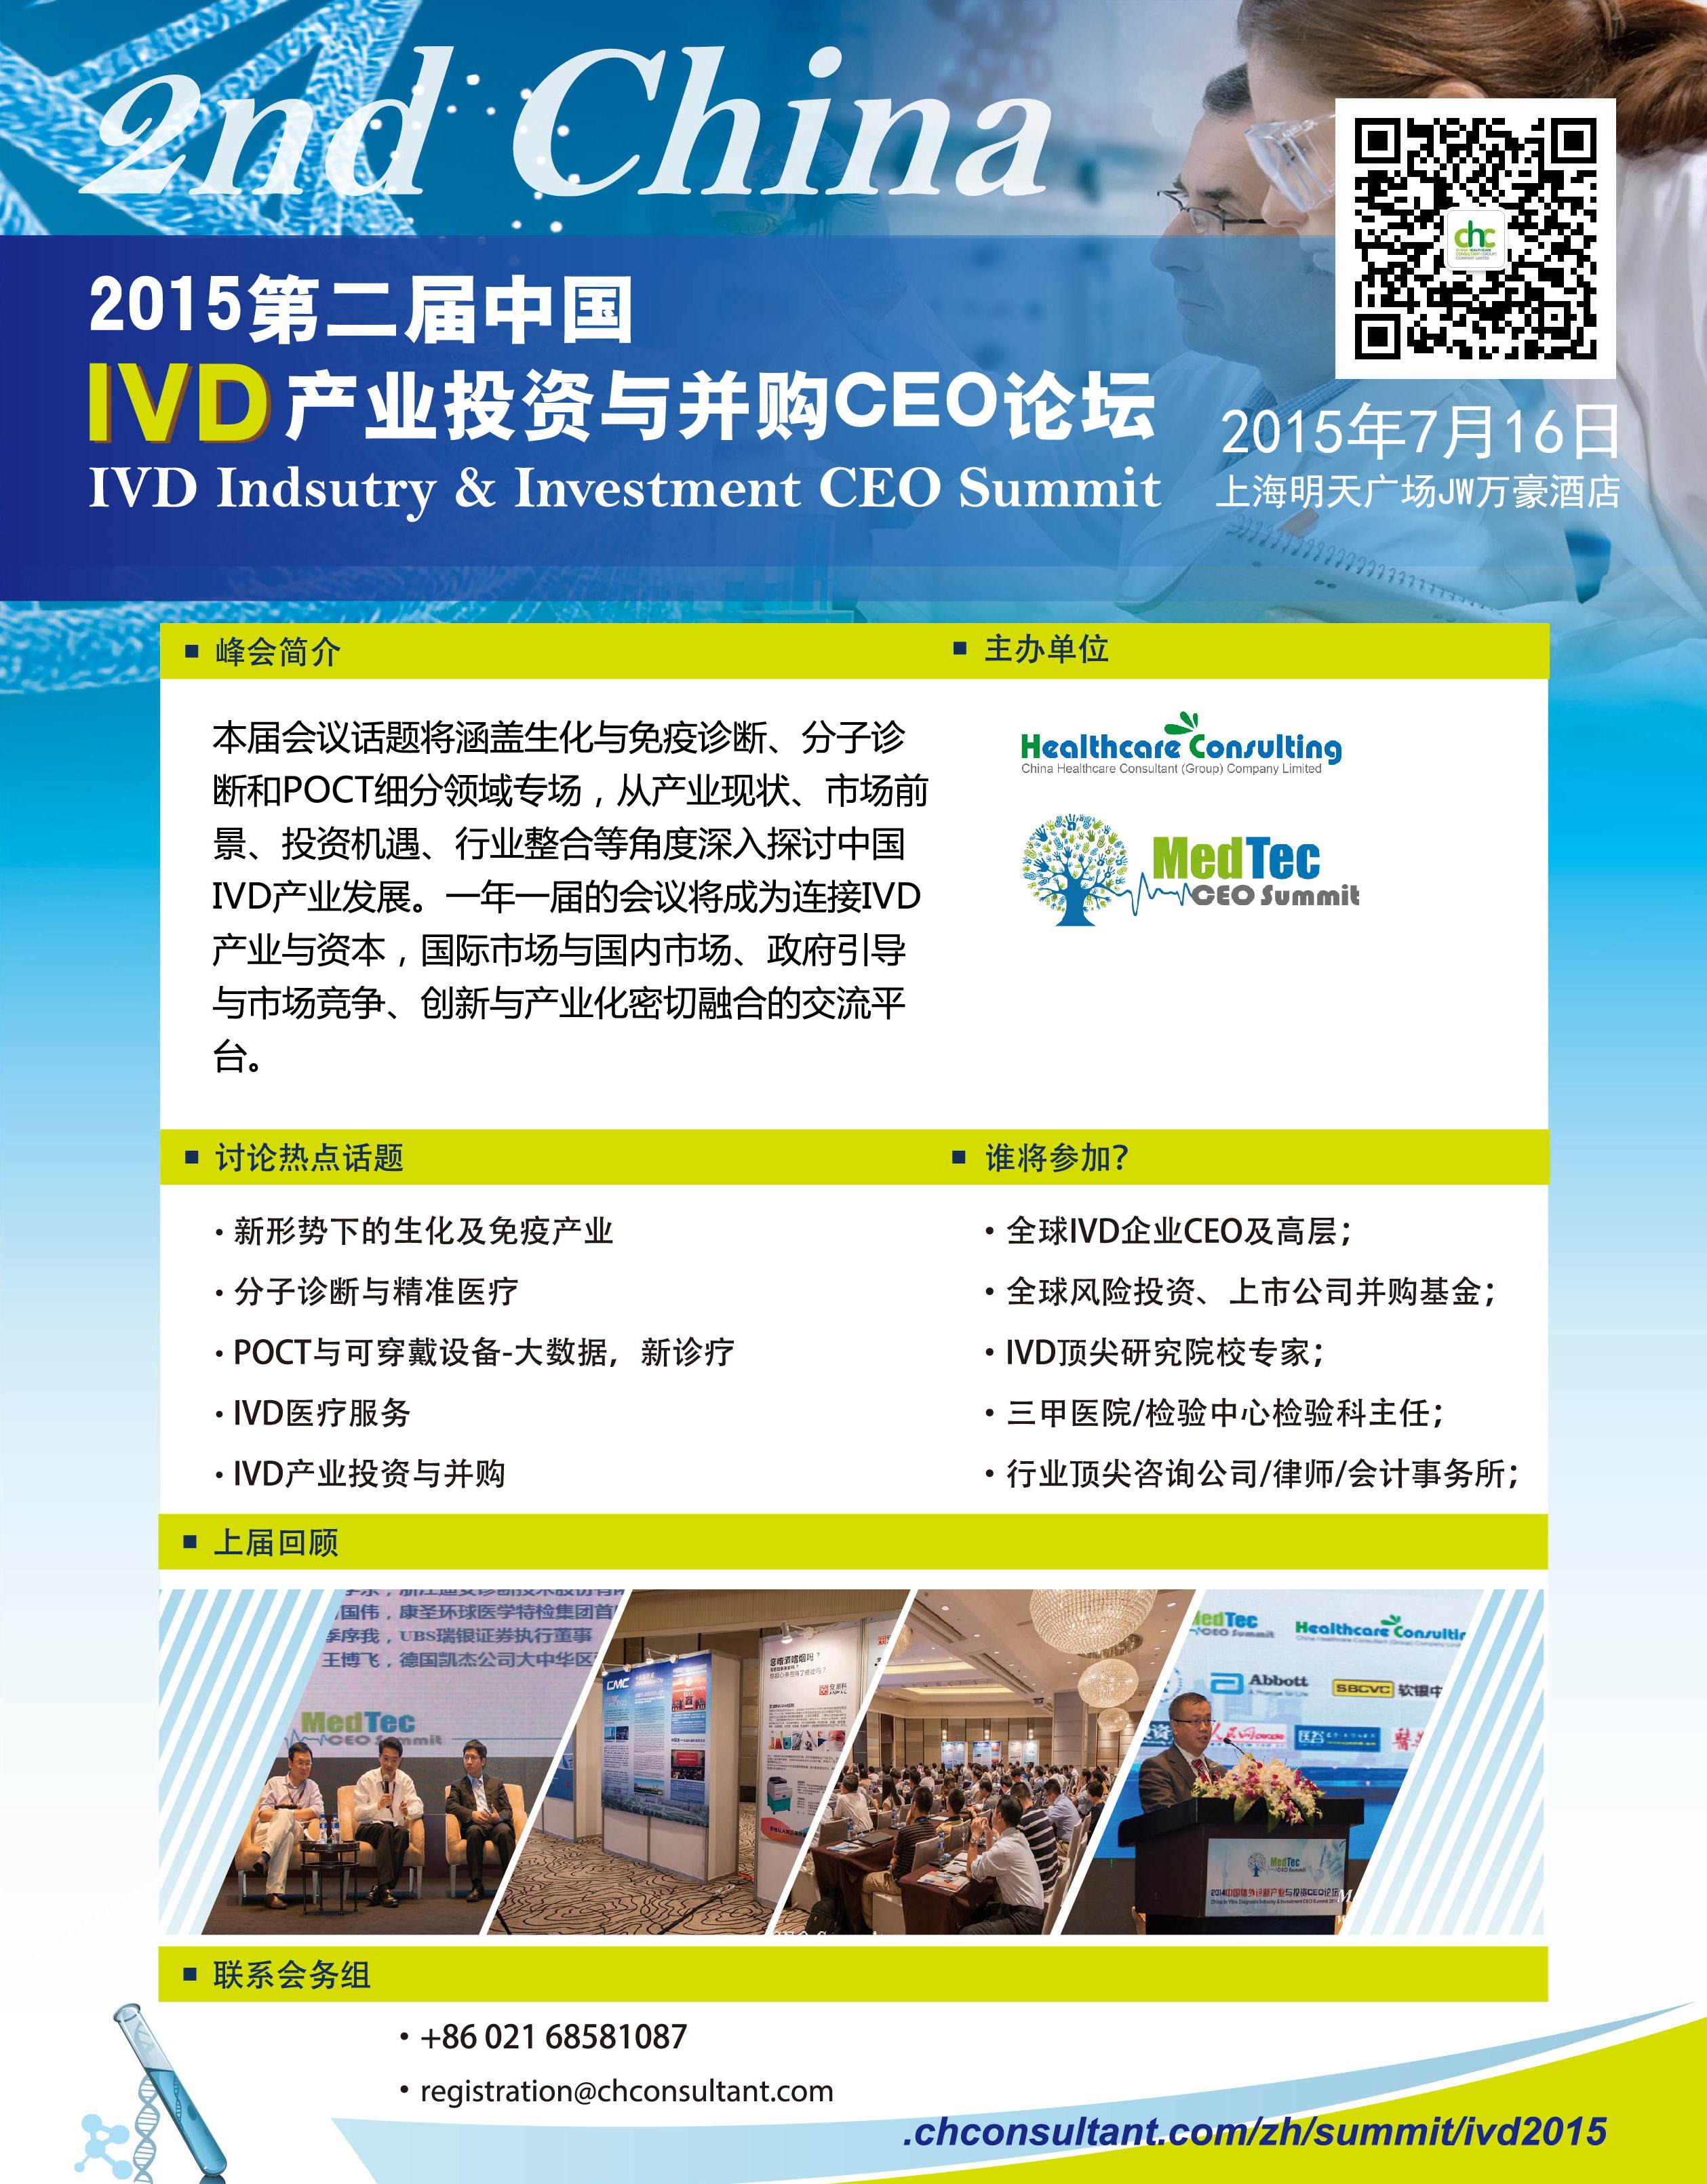 第二屆中國IVD產業投資與並購CEO論壇